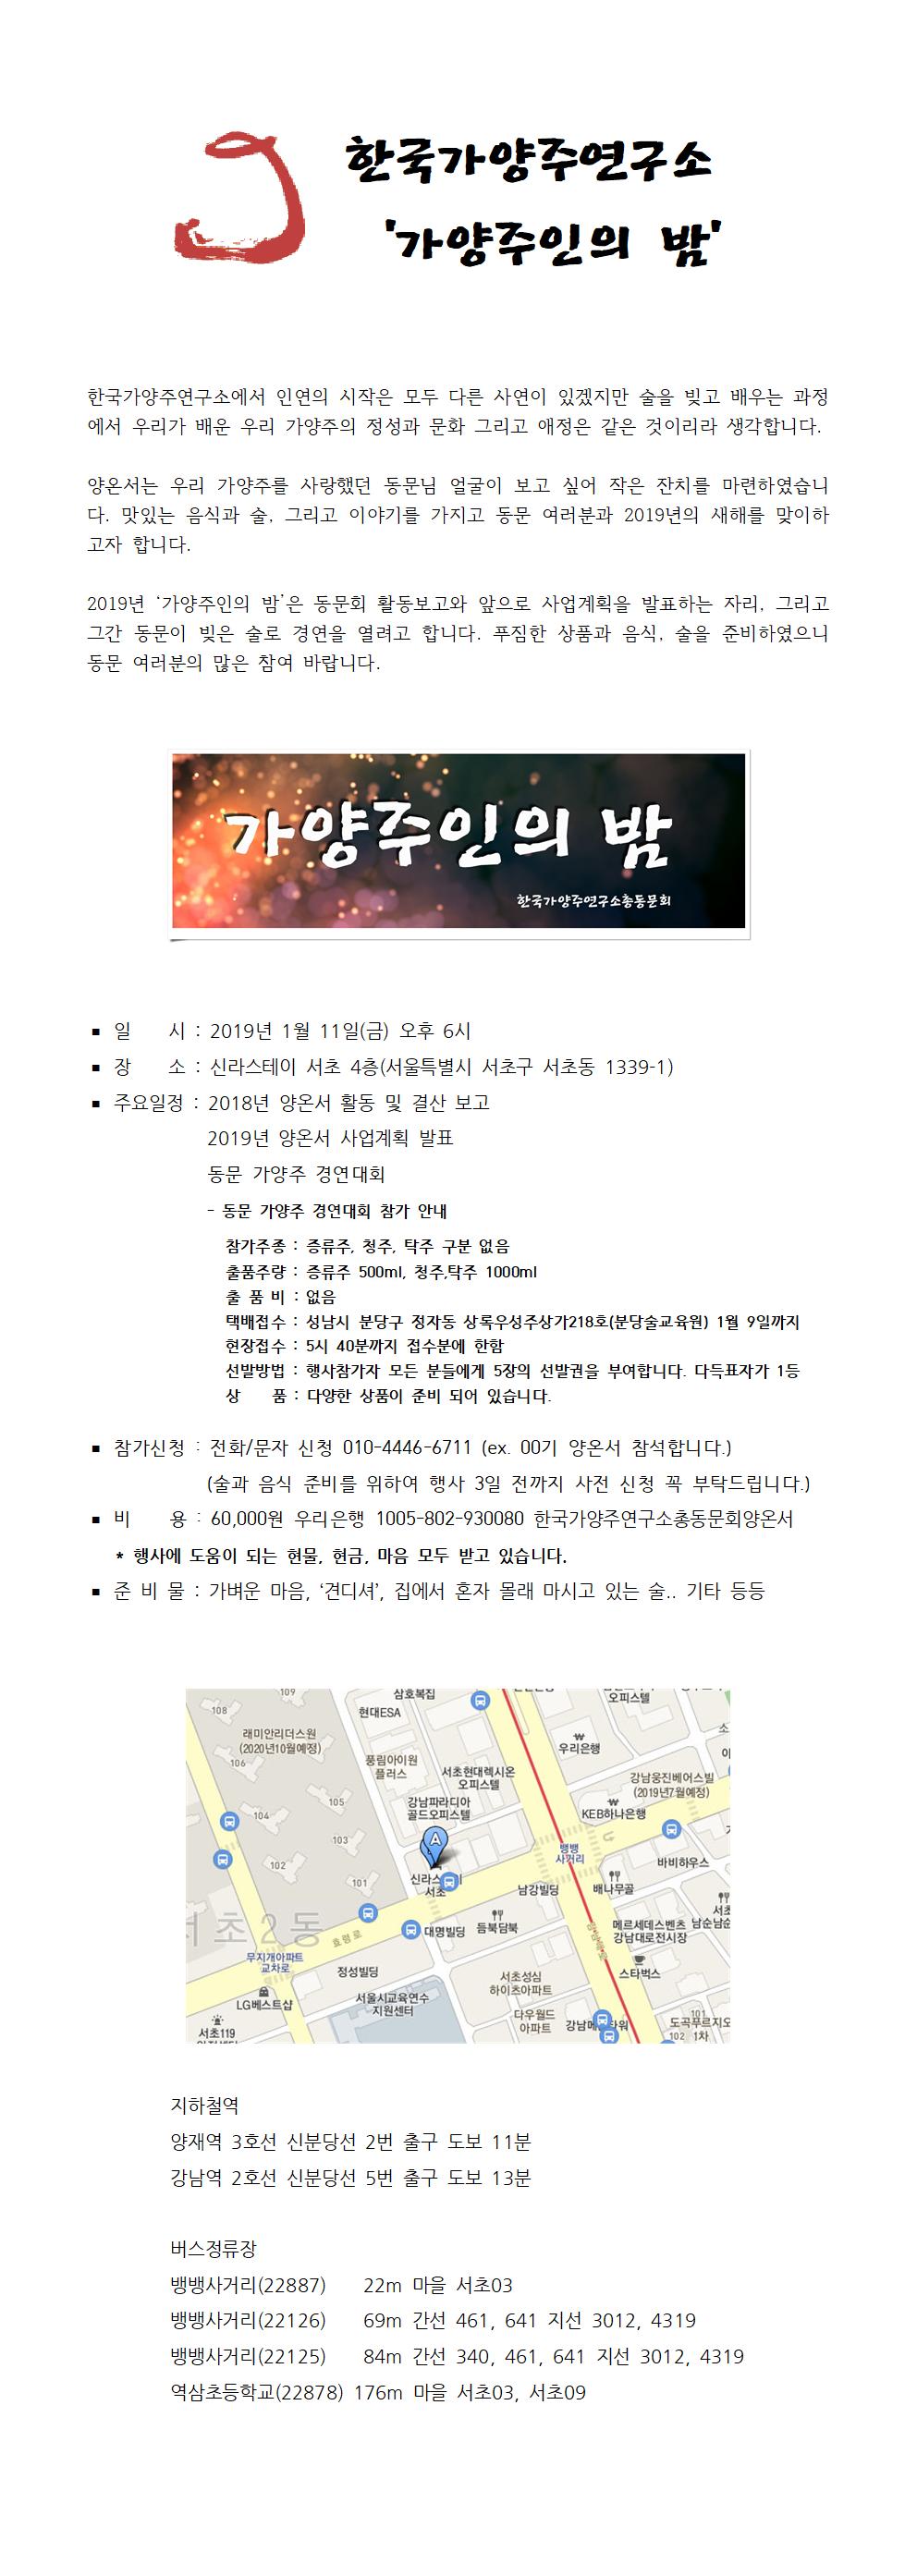 2018_가양주인의_밤_초대장.png